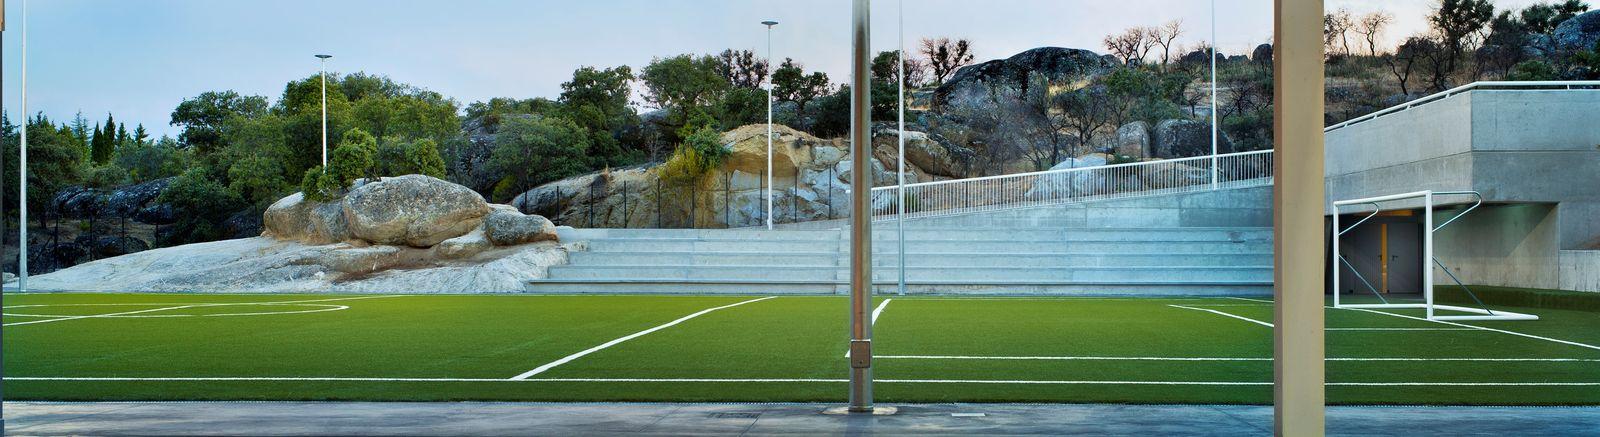 Vestuarios gradas campo futbol 07